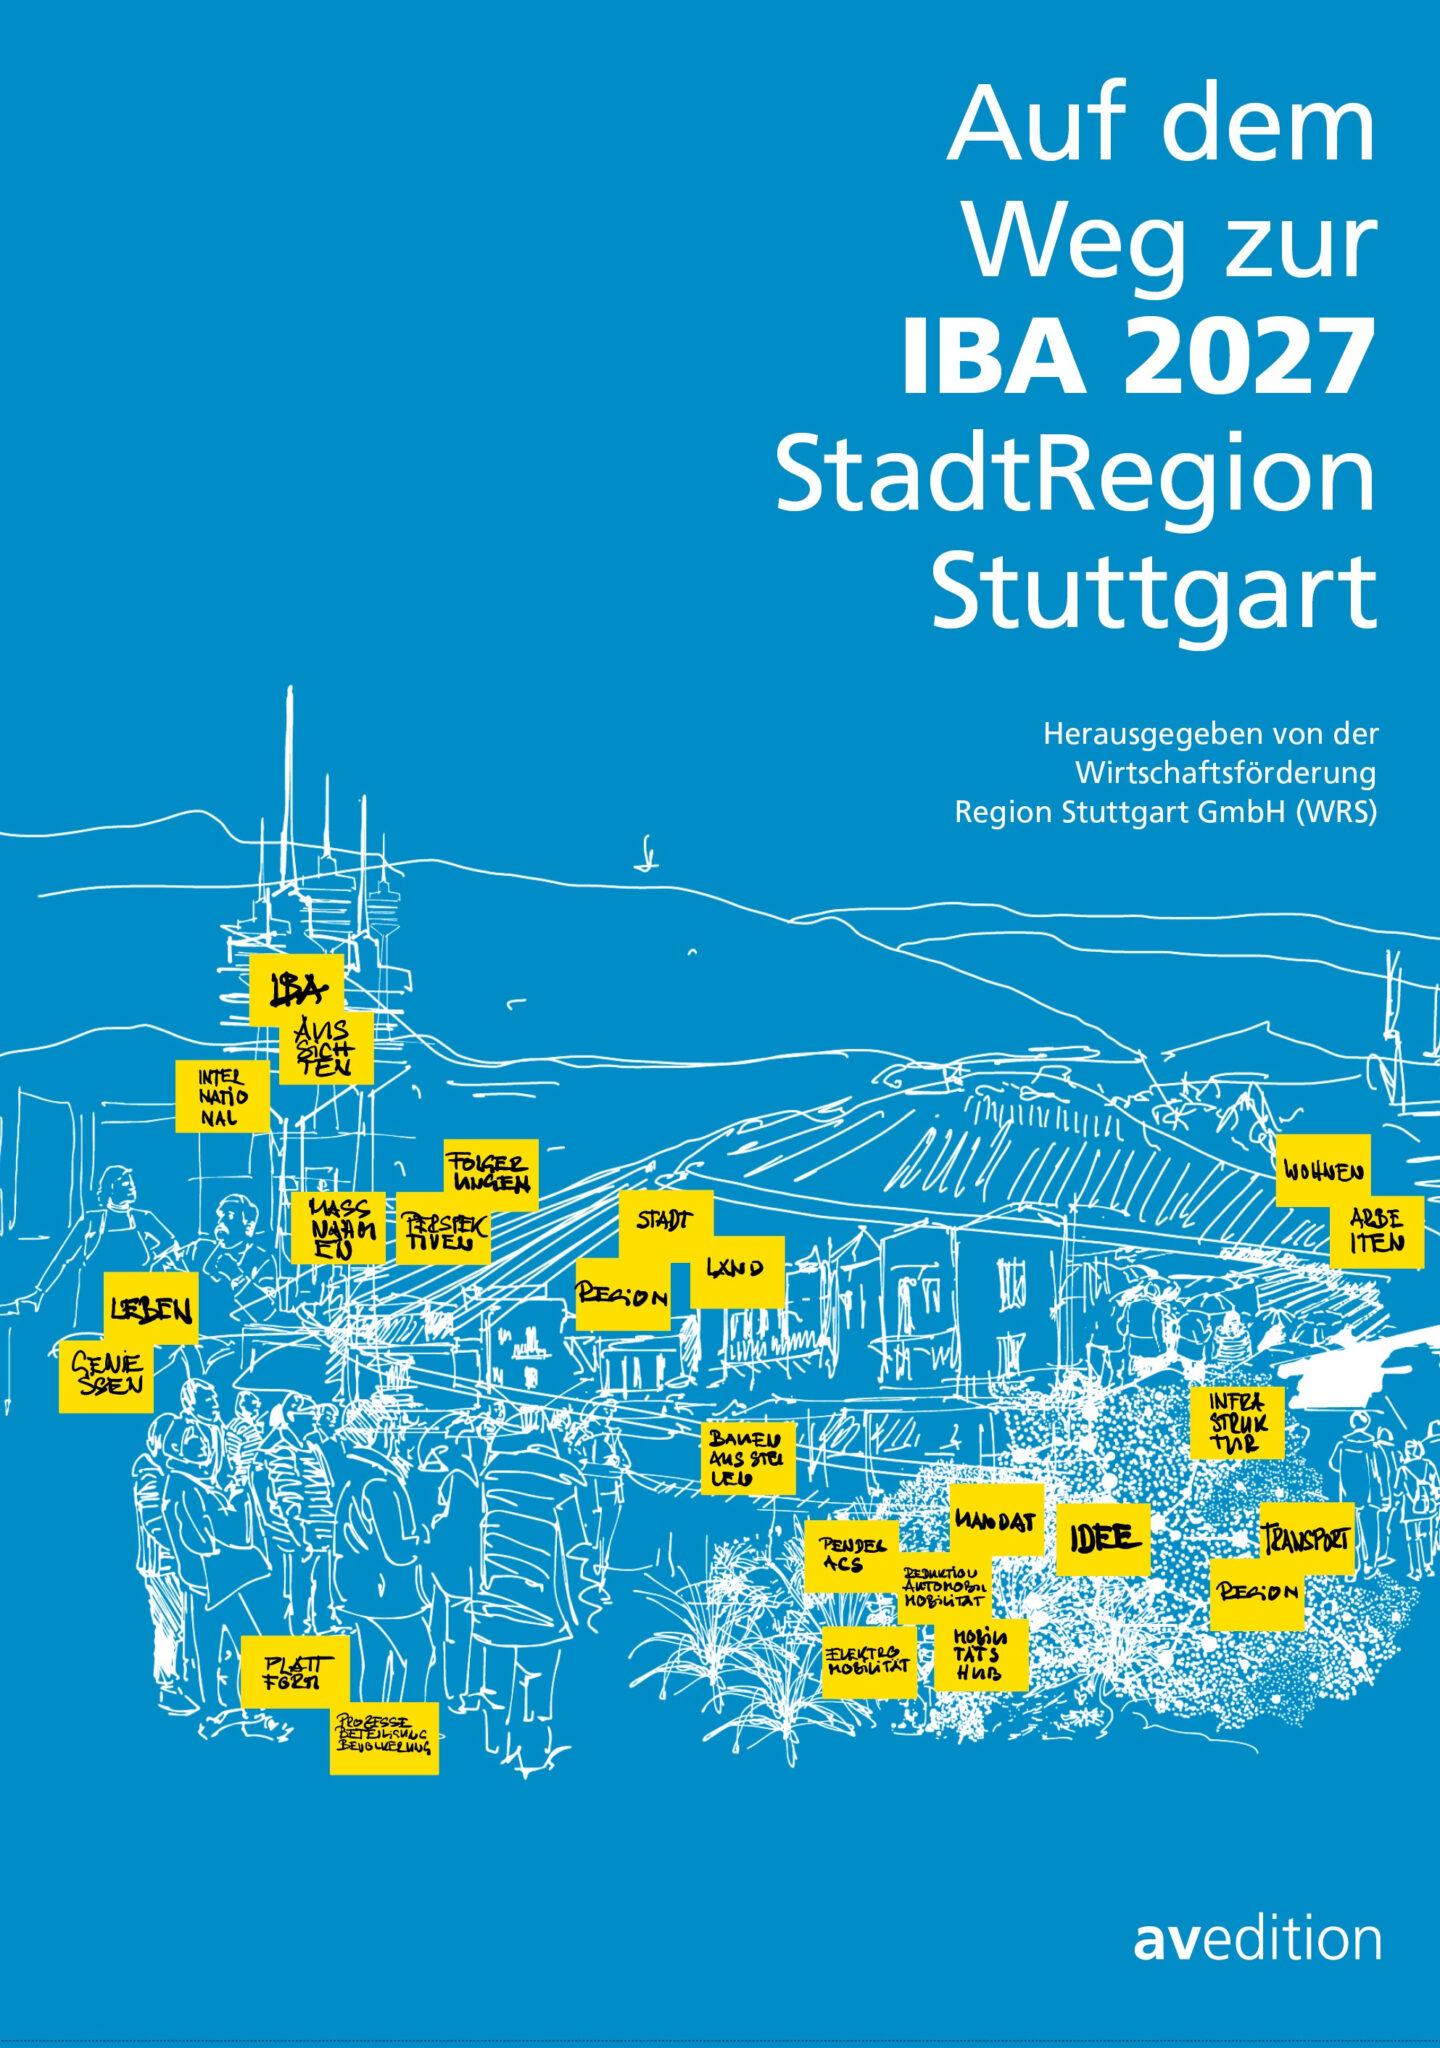 Buchcover: Auf dem Weg zur IBA 2027 StadtRegion Stuttgart